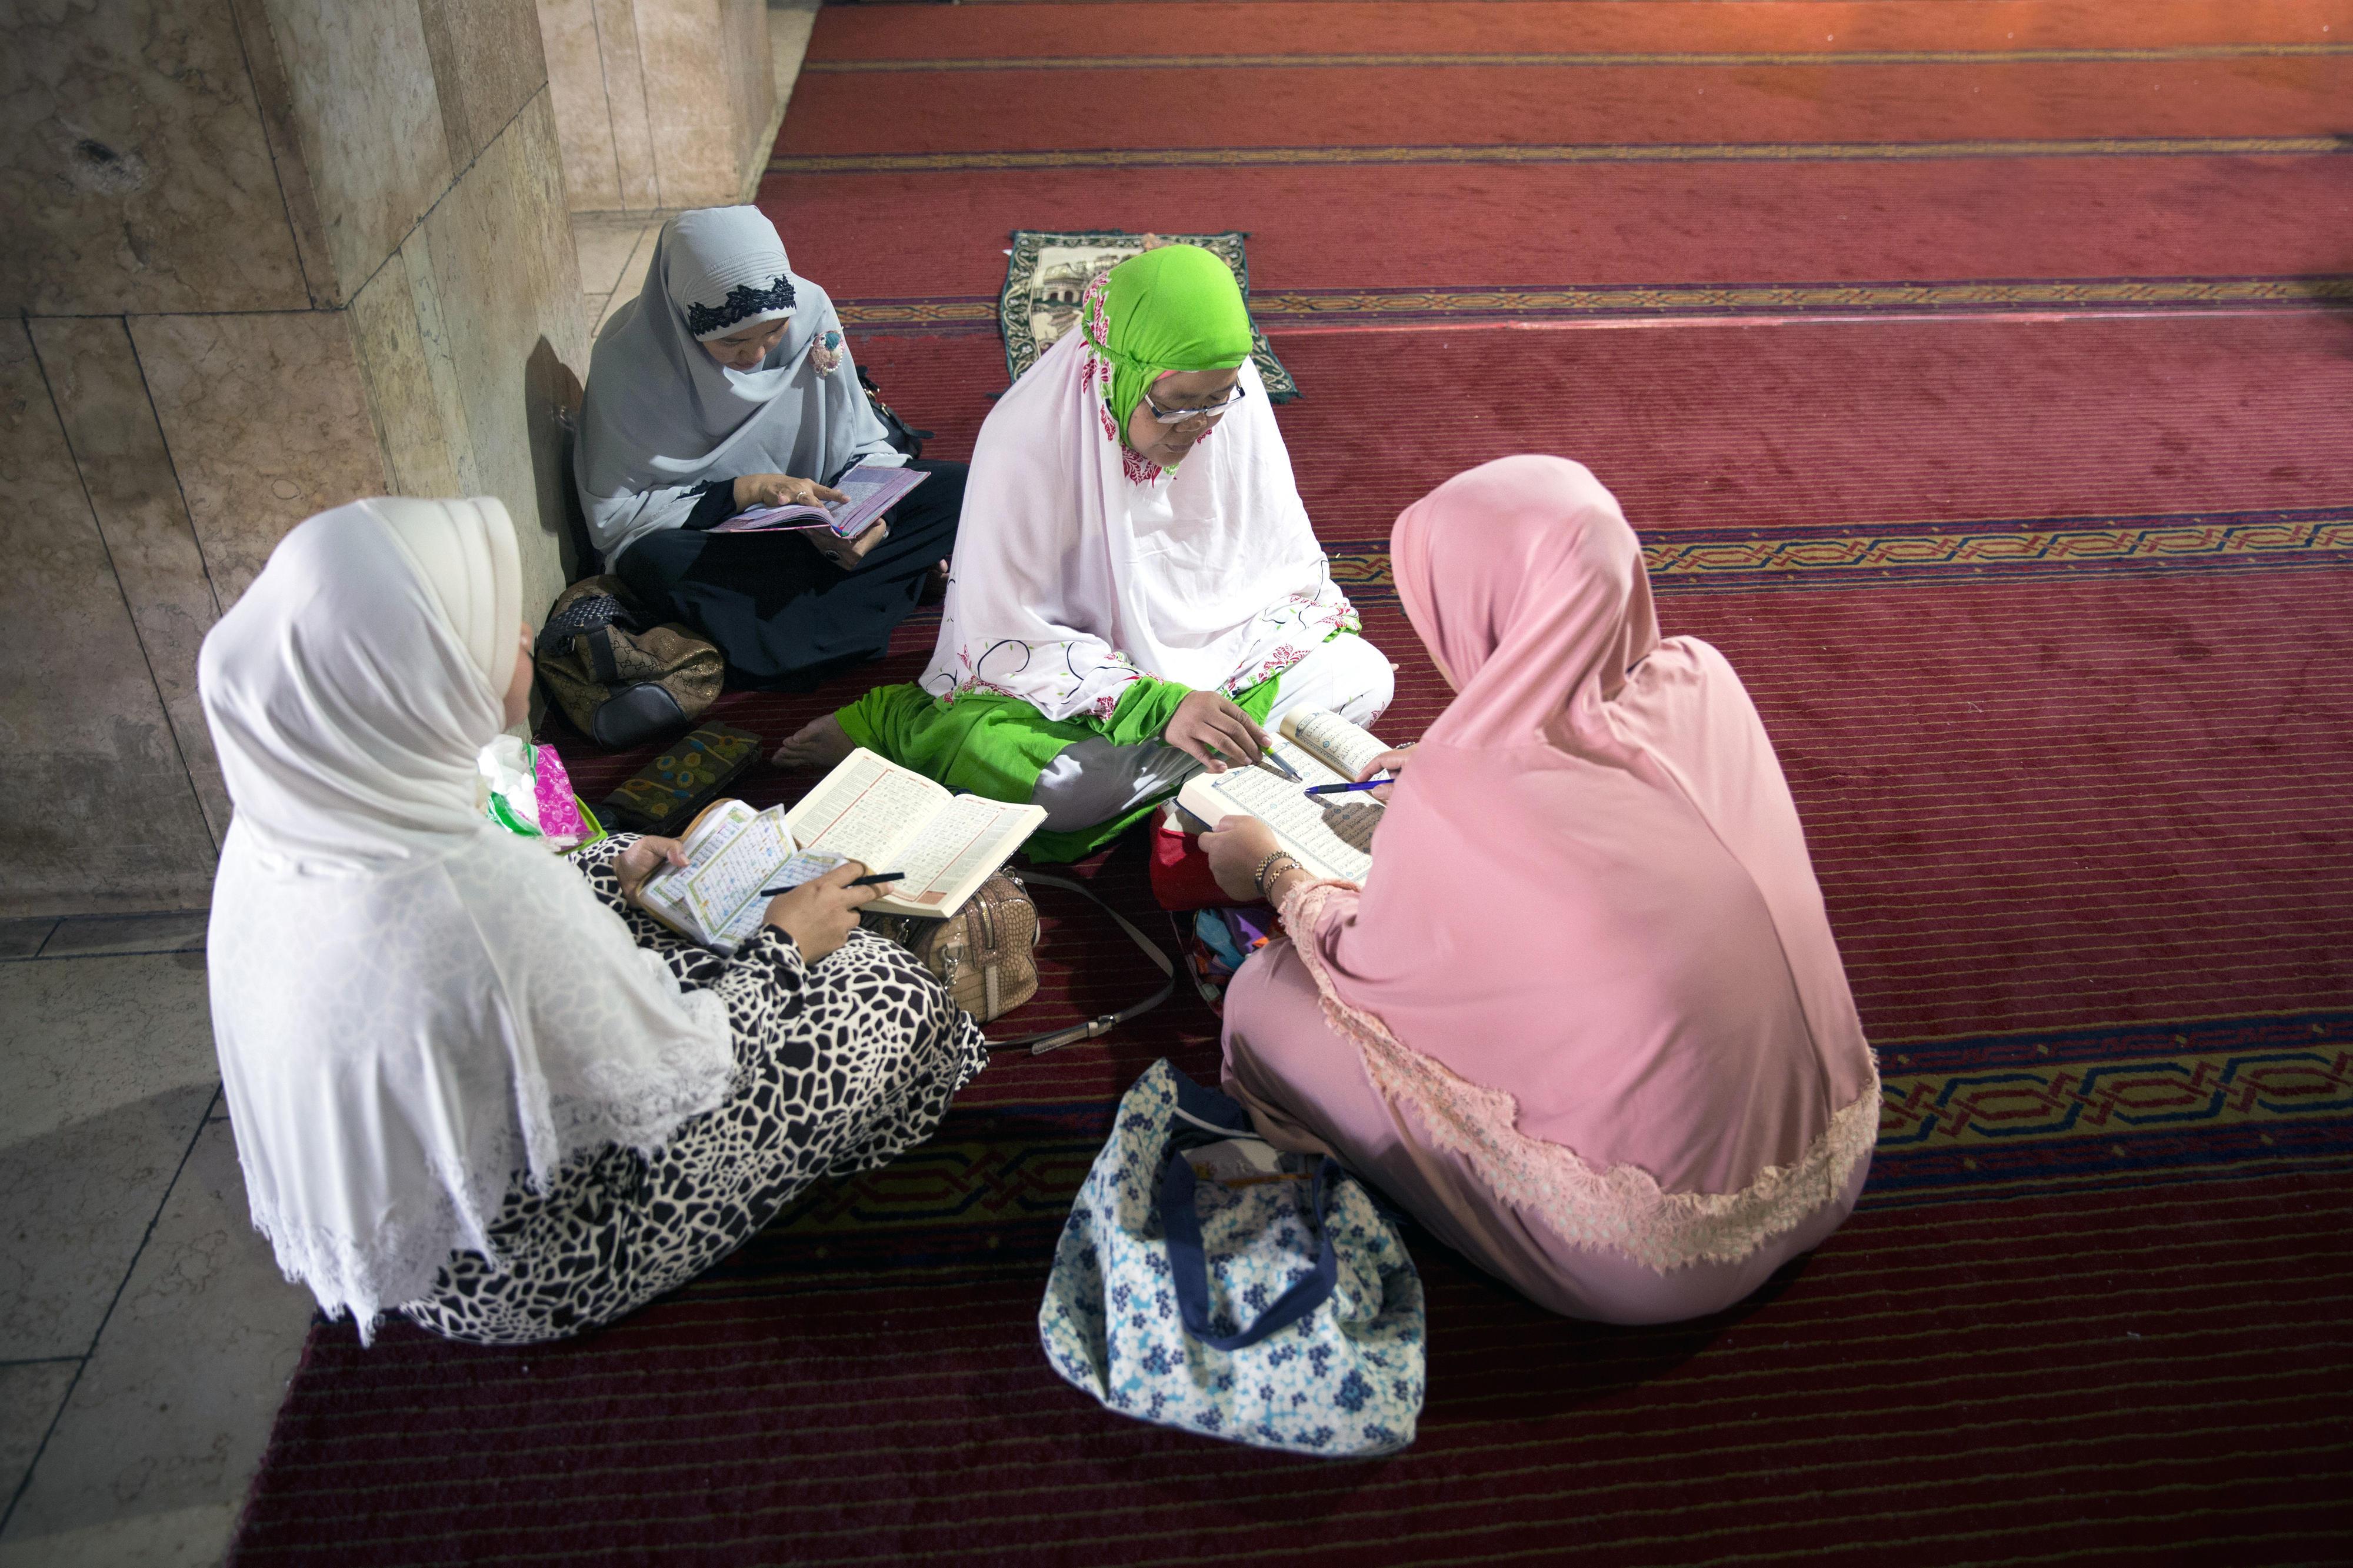 Frauen lesen in der Istiqlal Moschee in Jakarta, Indonesien, im Koran